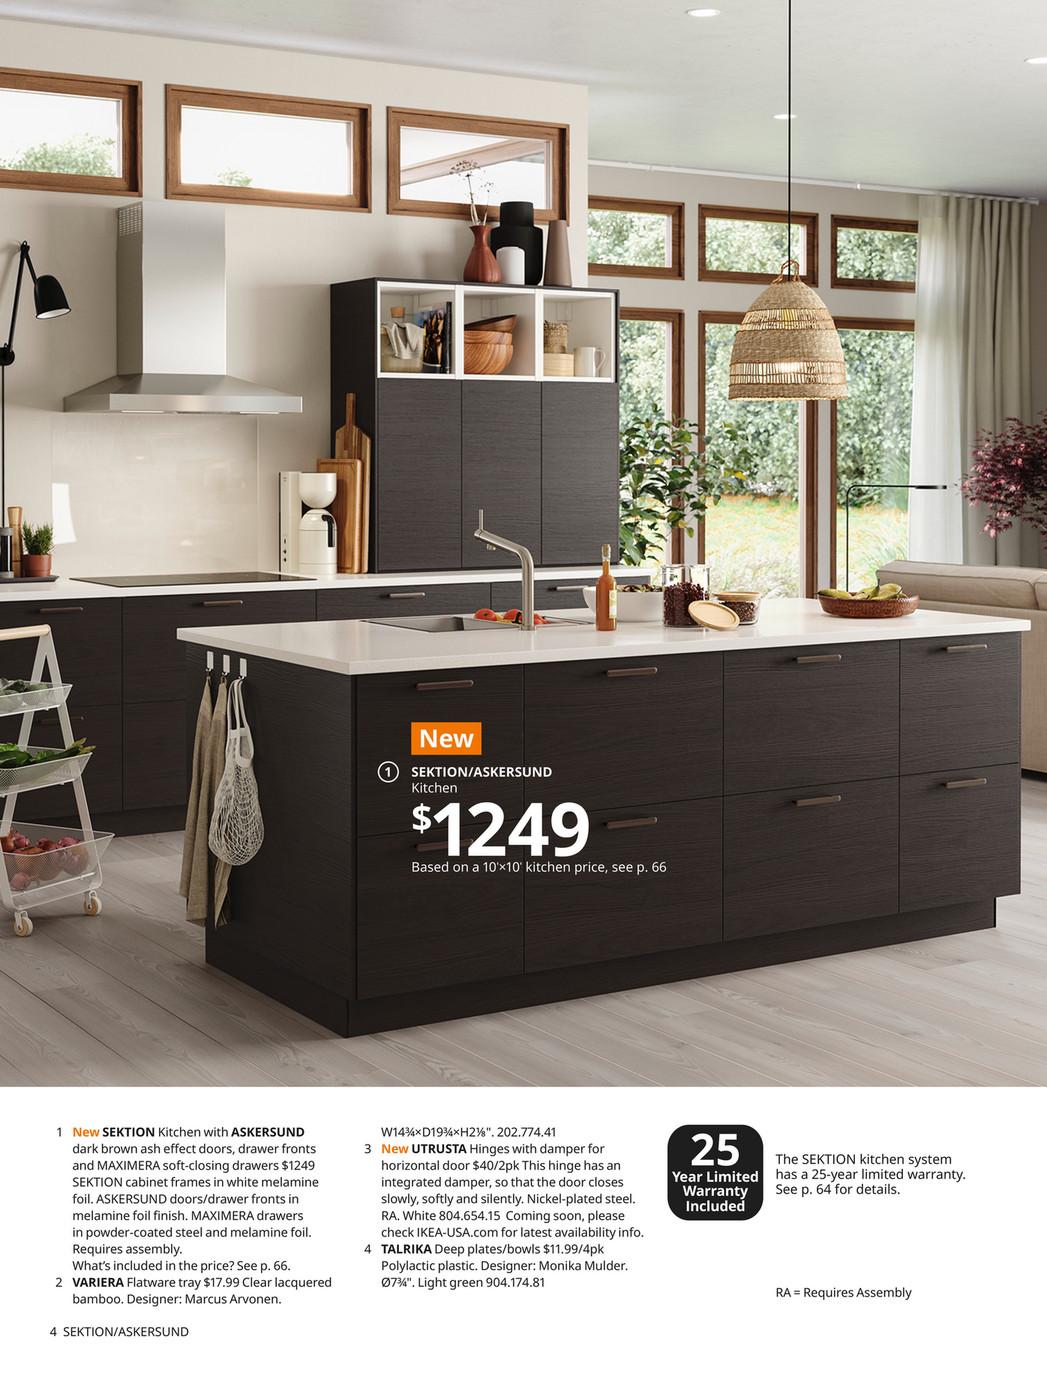 IKEA Kitchen Brochure 100 - Page 10